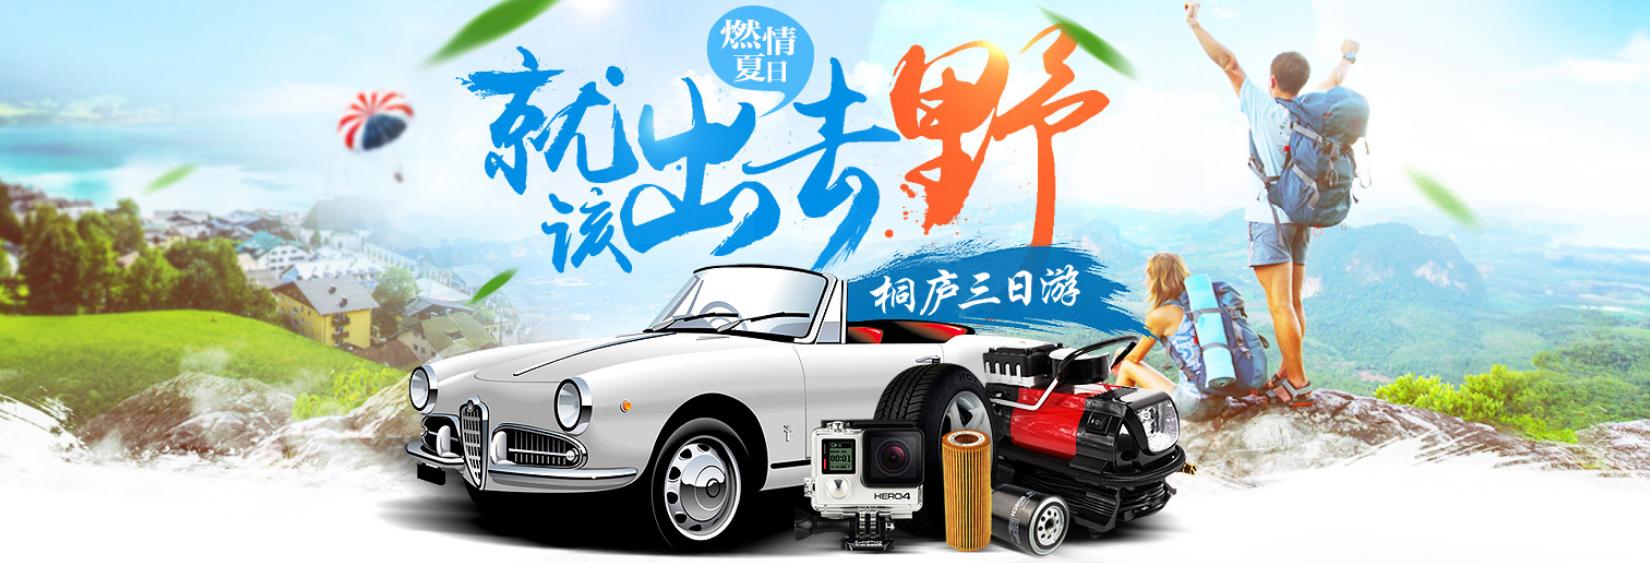 大港城纵横自驾8月19.20.21三日桐庐游